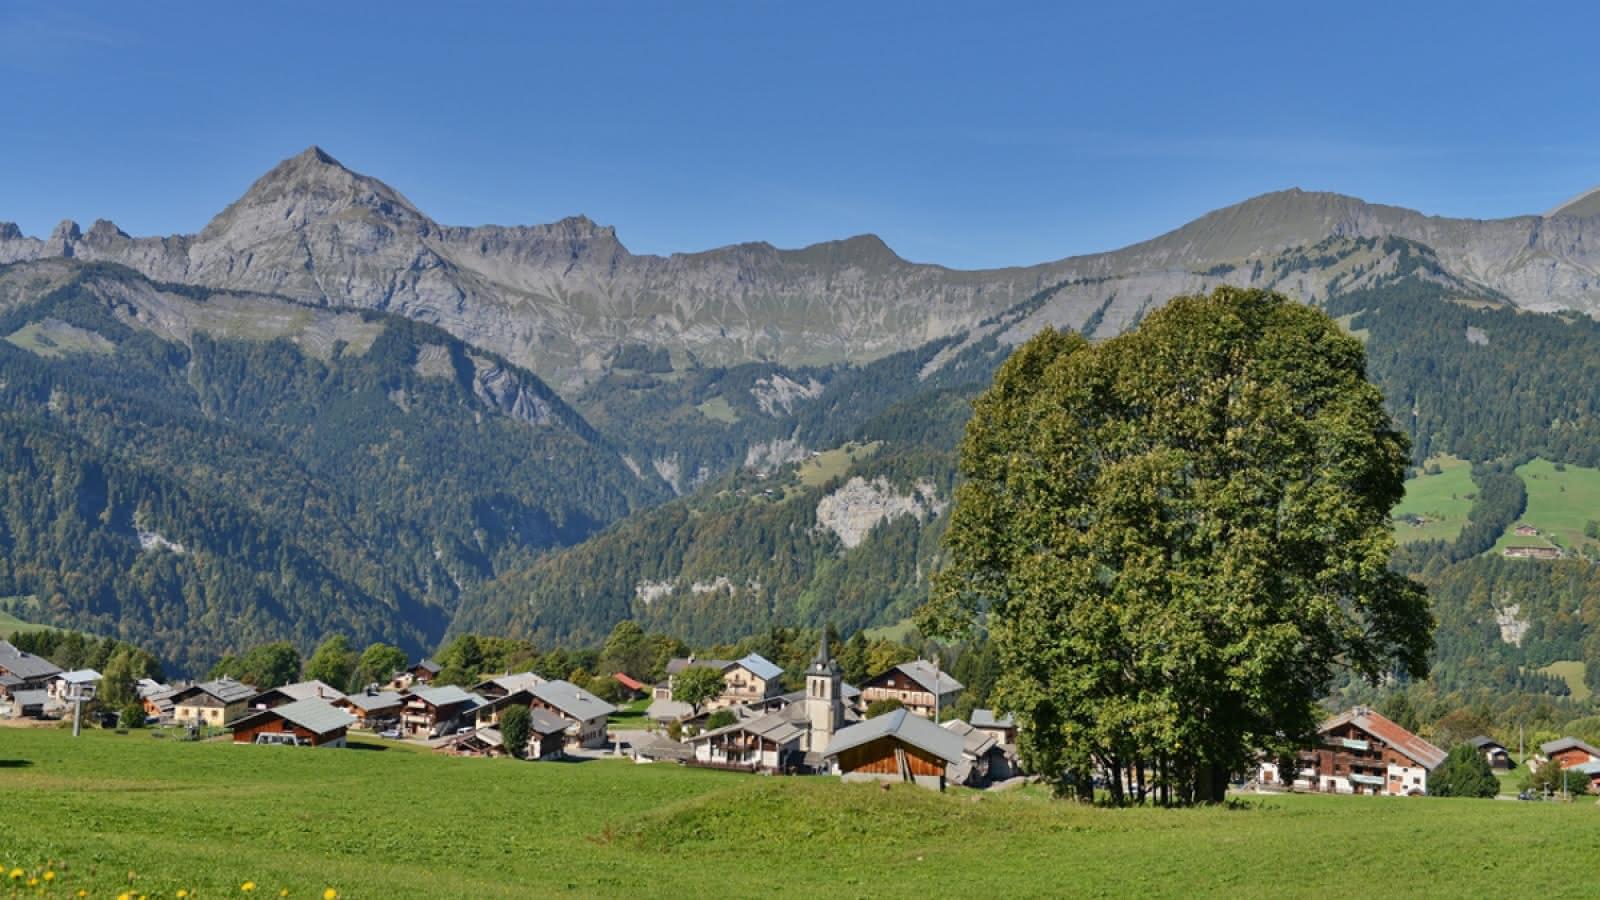 Crest-Voland village